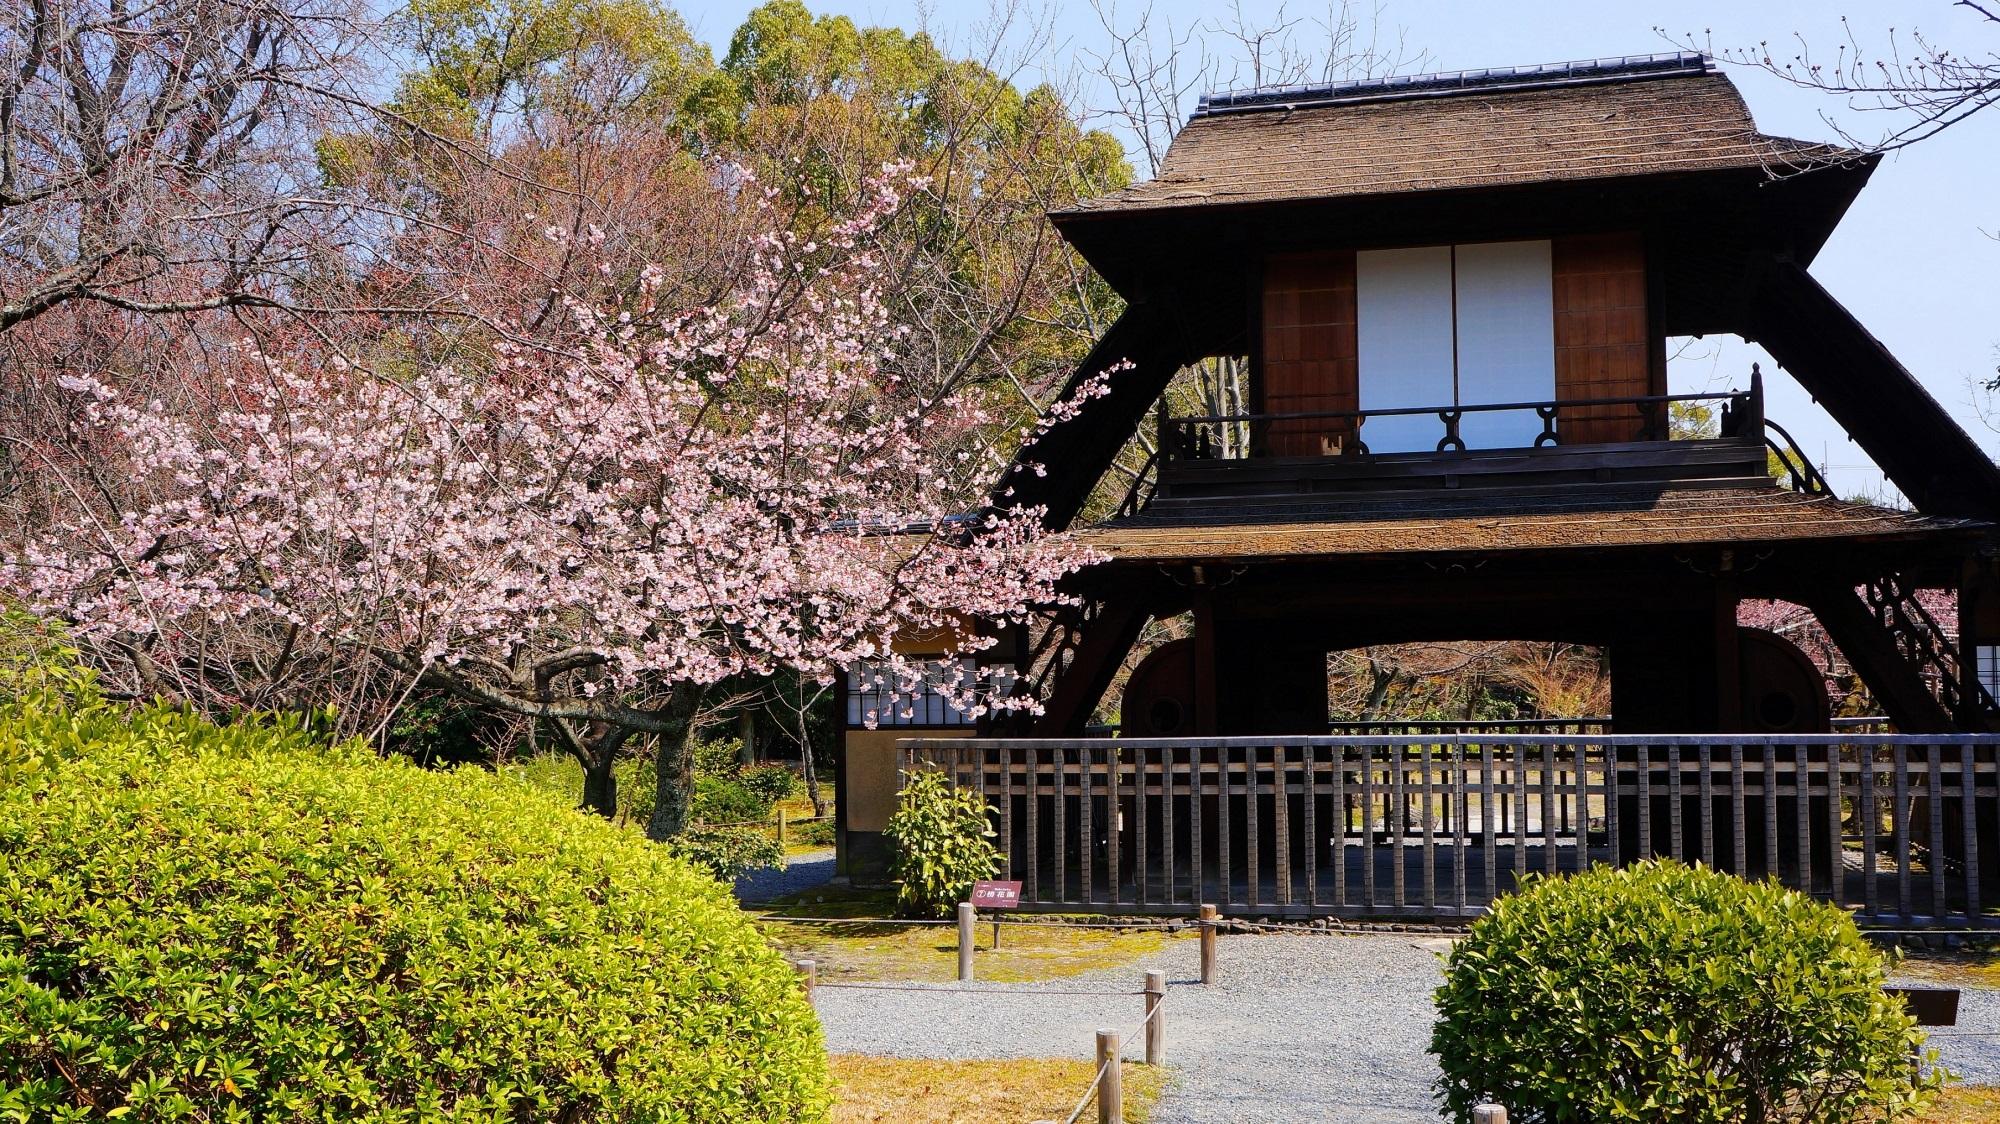 早咲きの修善寺寒桜と庭園を彩る花々